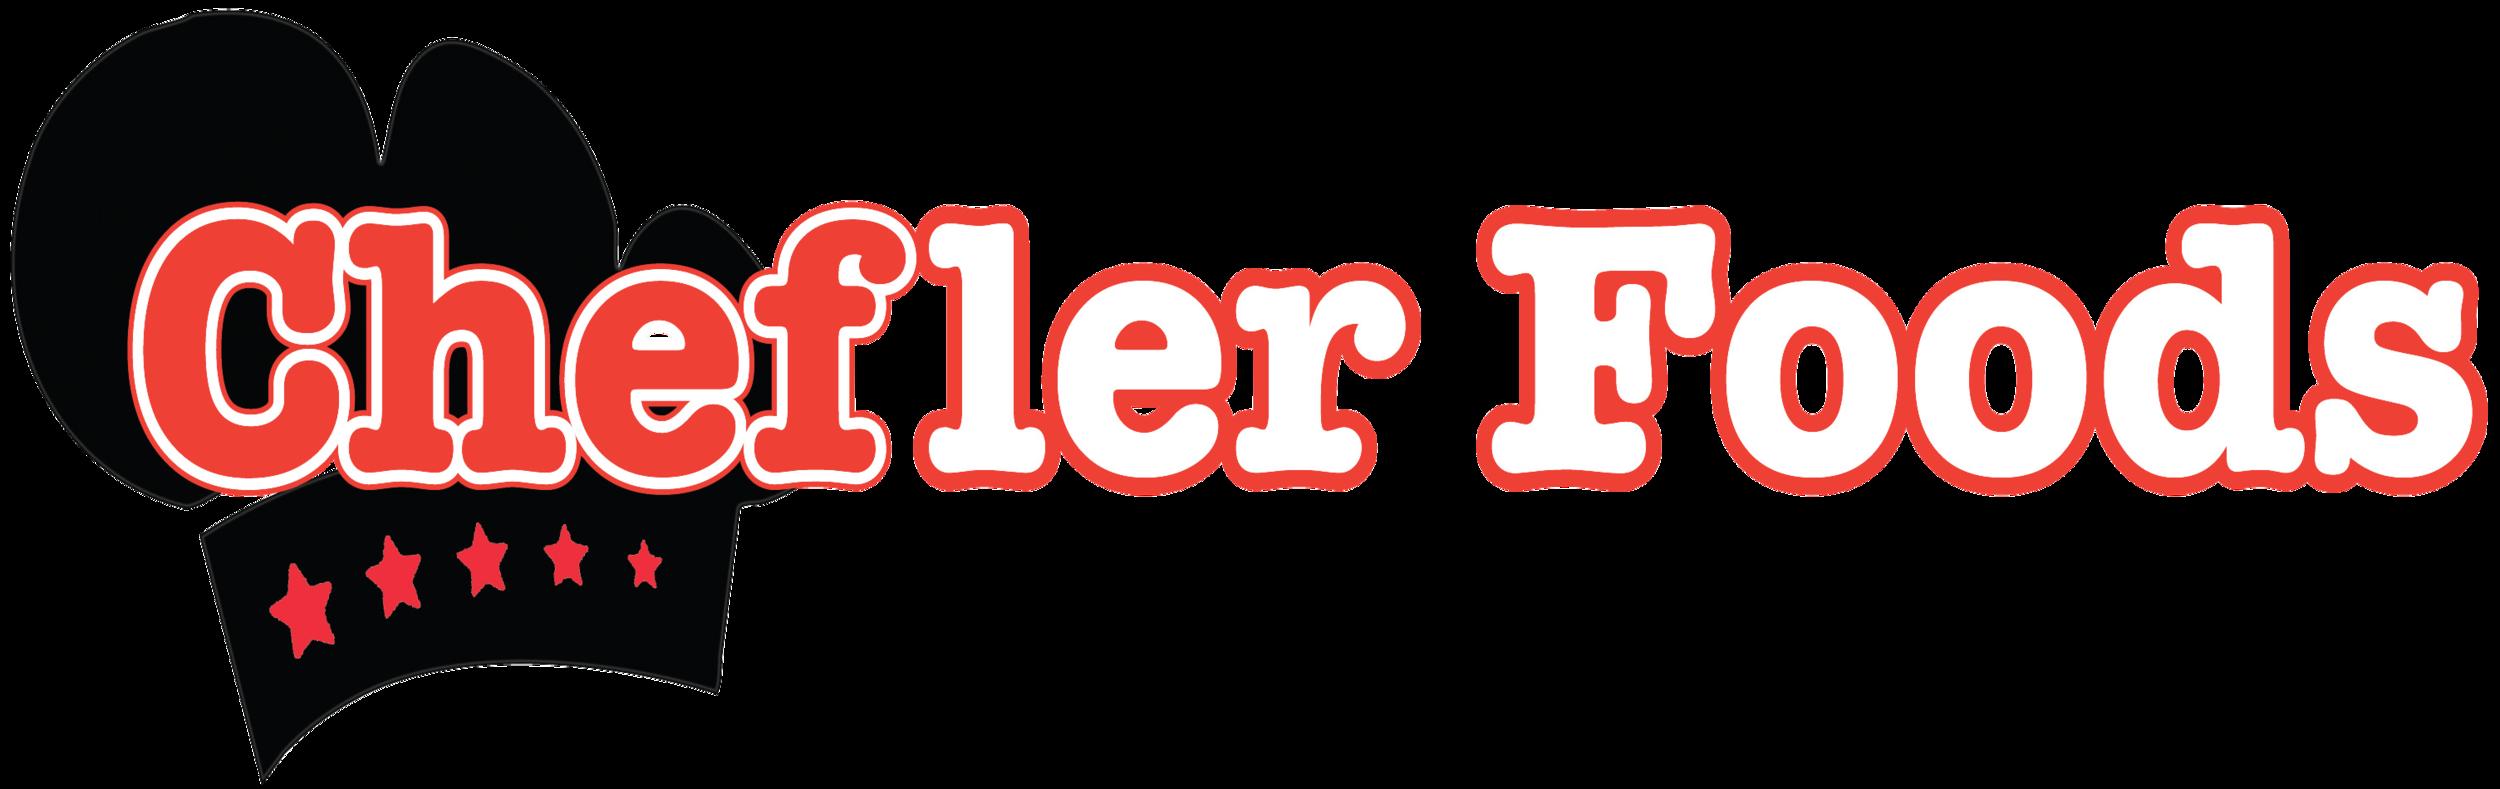 Chefler-Foods-Logo-Trans.png